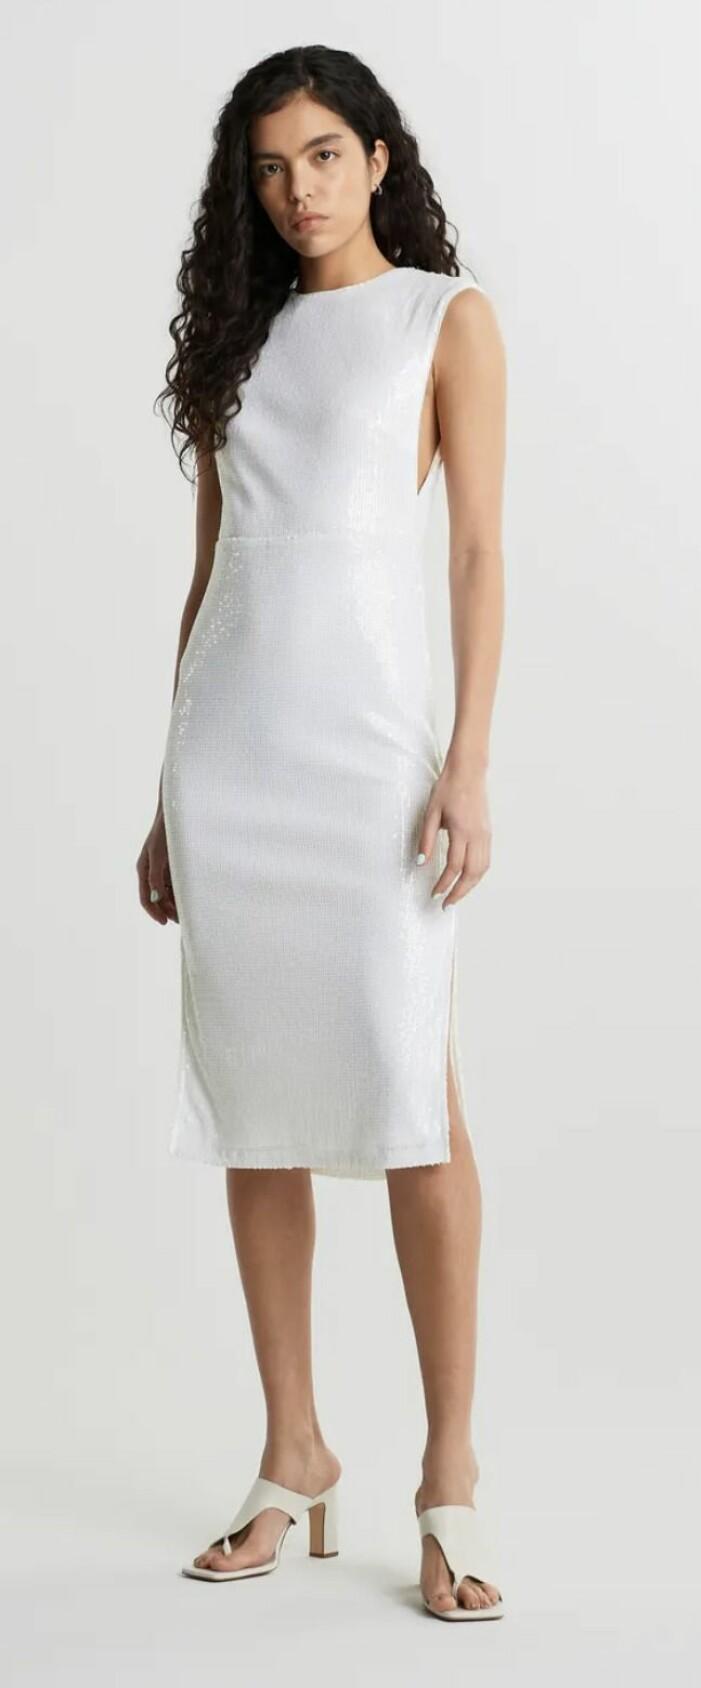 vit paljettklänning från Gina tricot